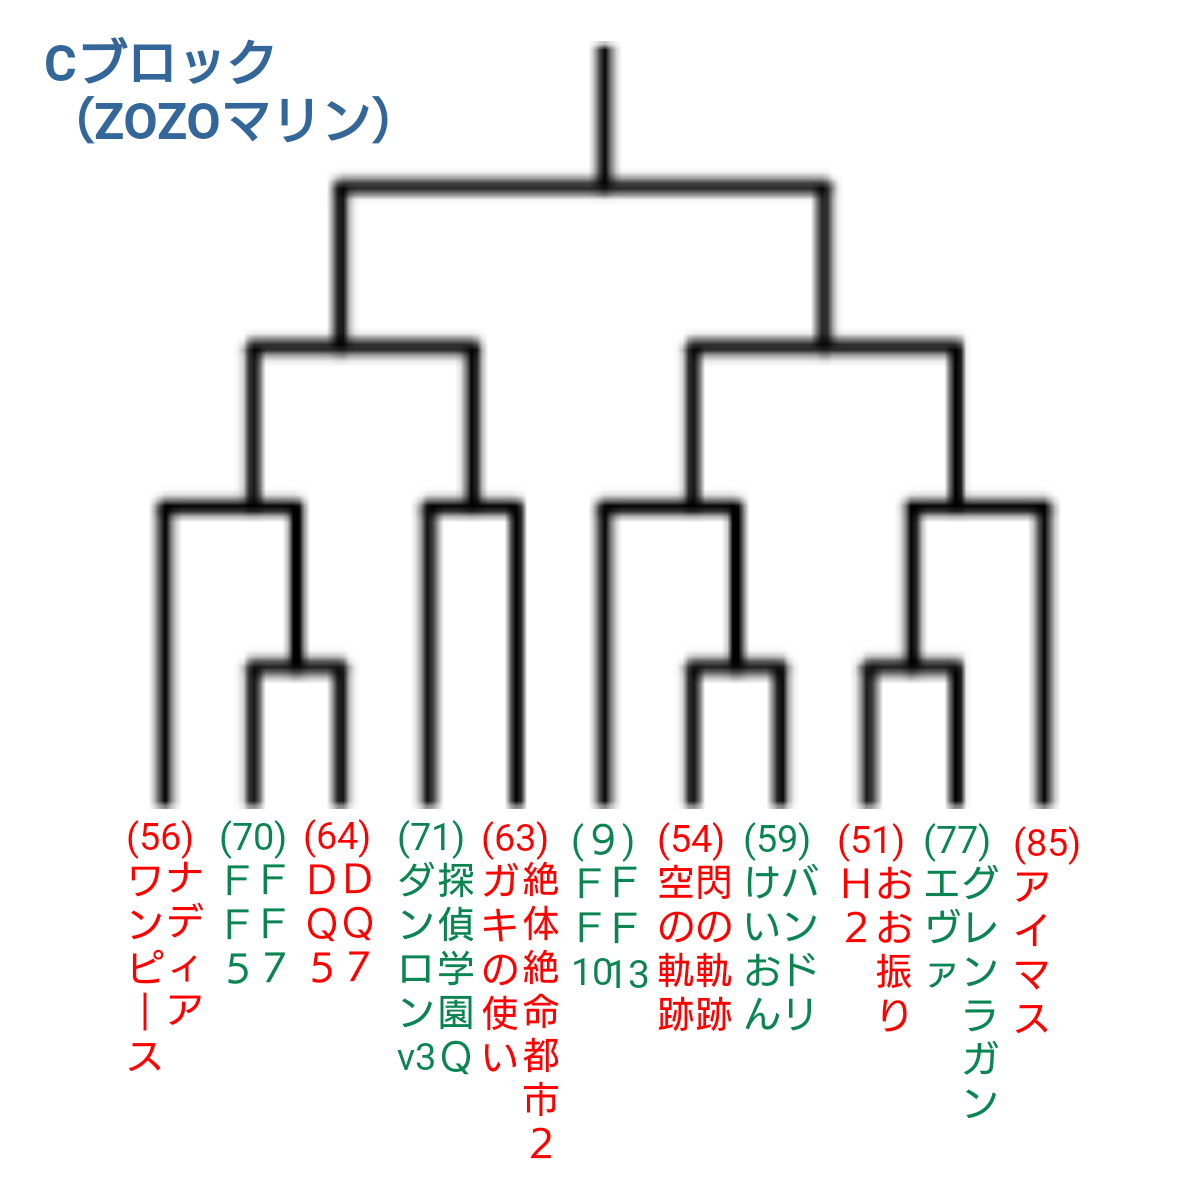 f:id:kinokomagic:20201230021149p:plain